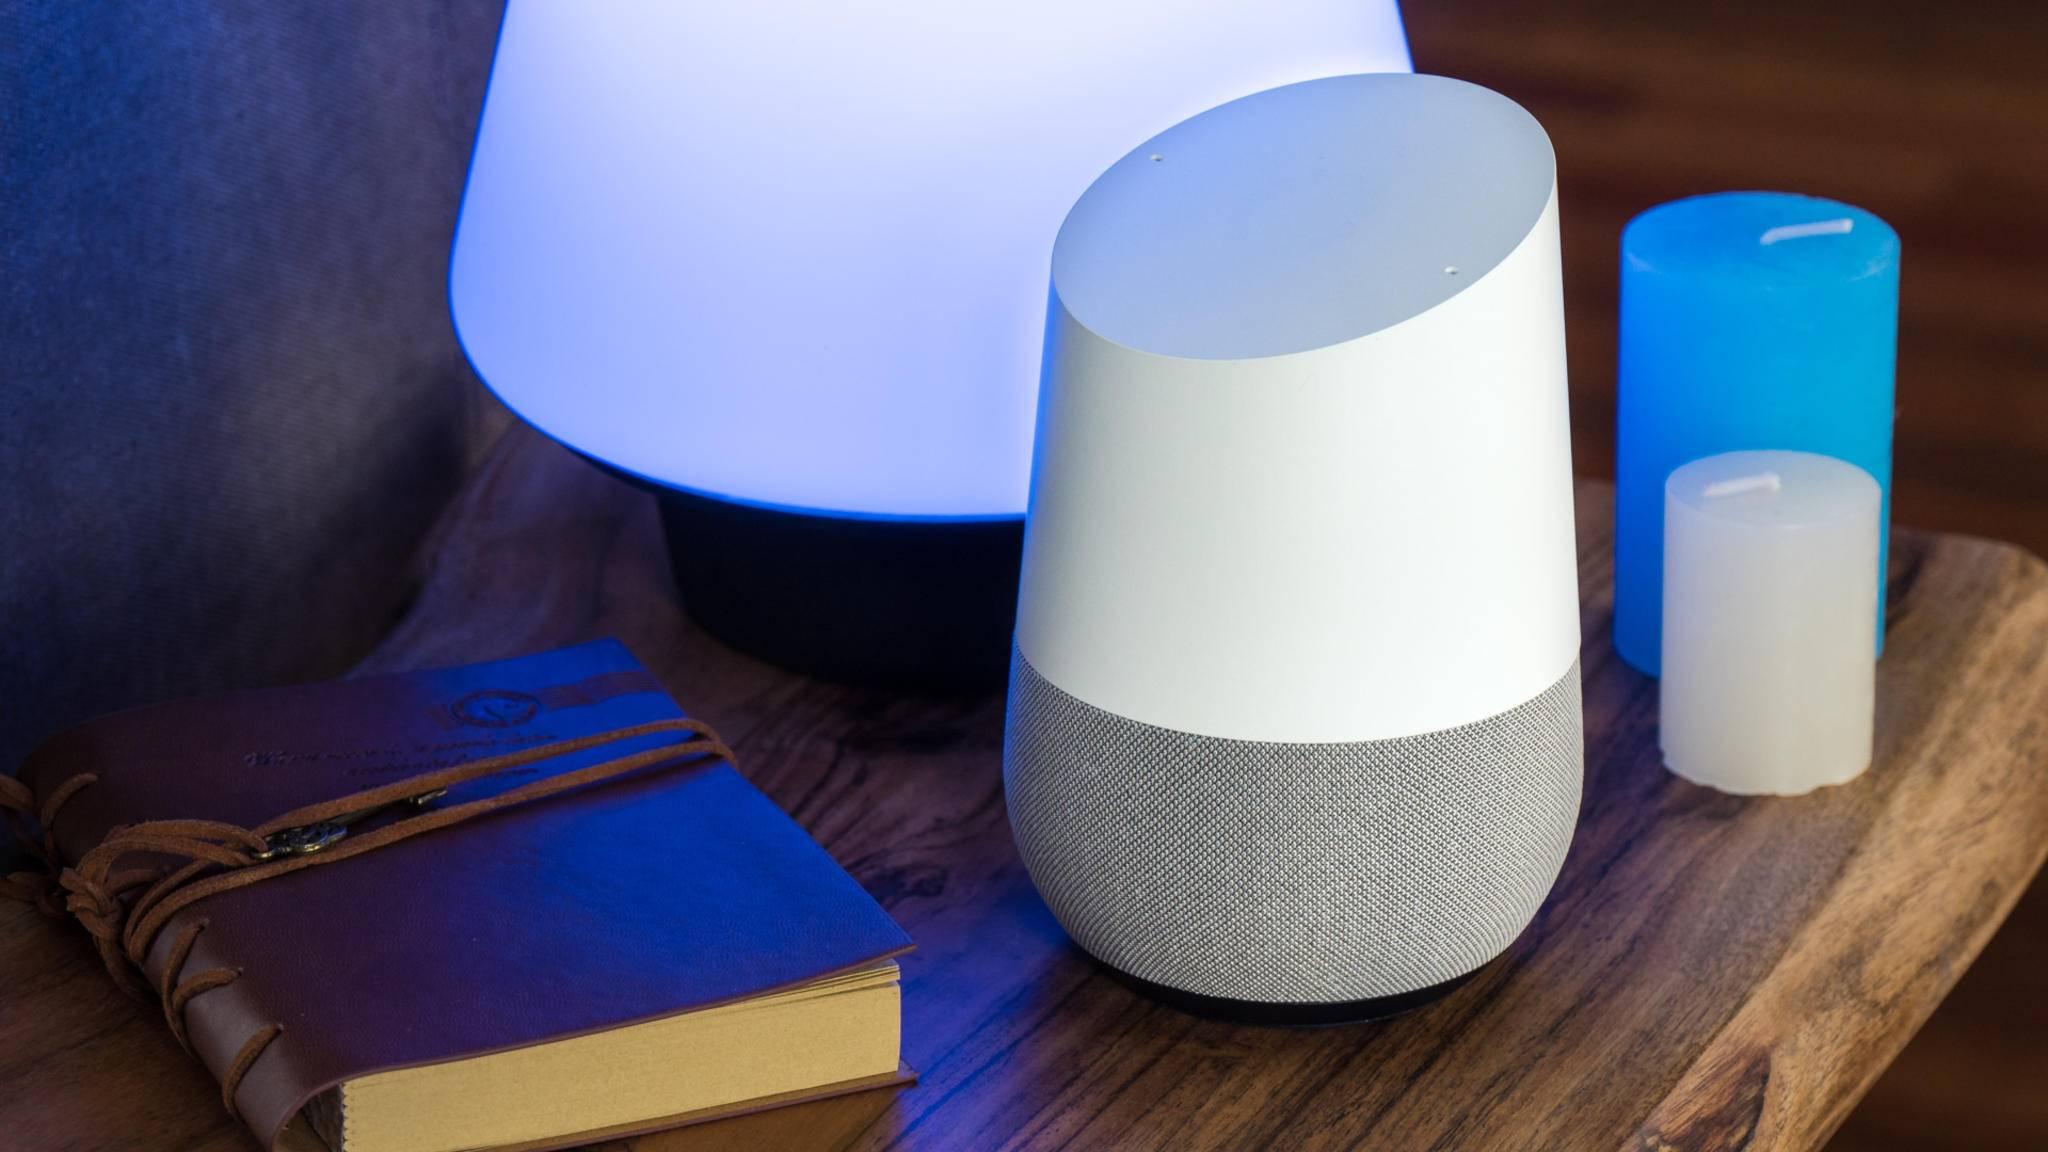 Wir verraten Dir, was Du mit Google Home alles machen kannst.